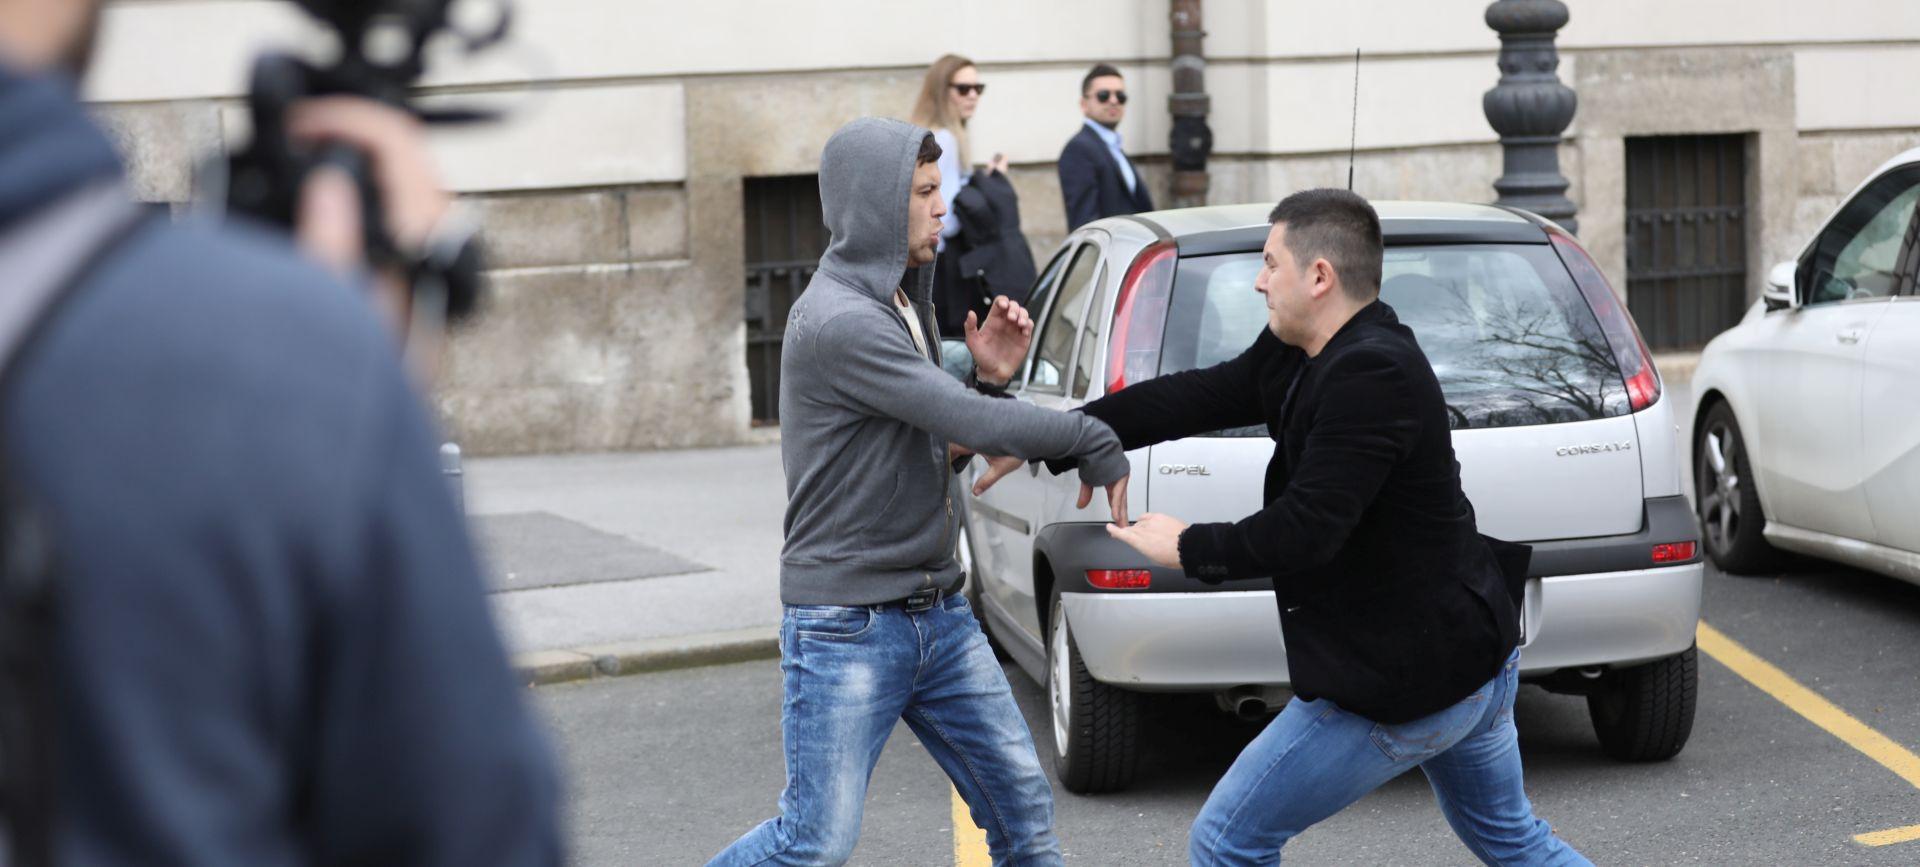 Incident ispred suda nakon izricanja presude Komšiću